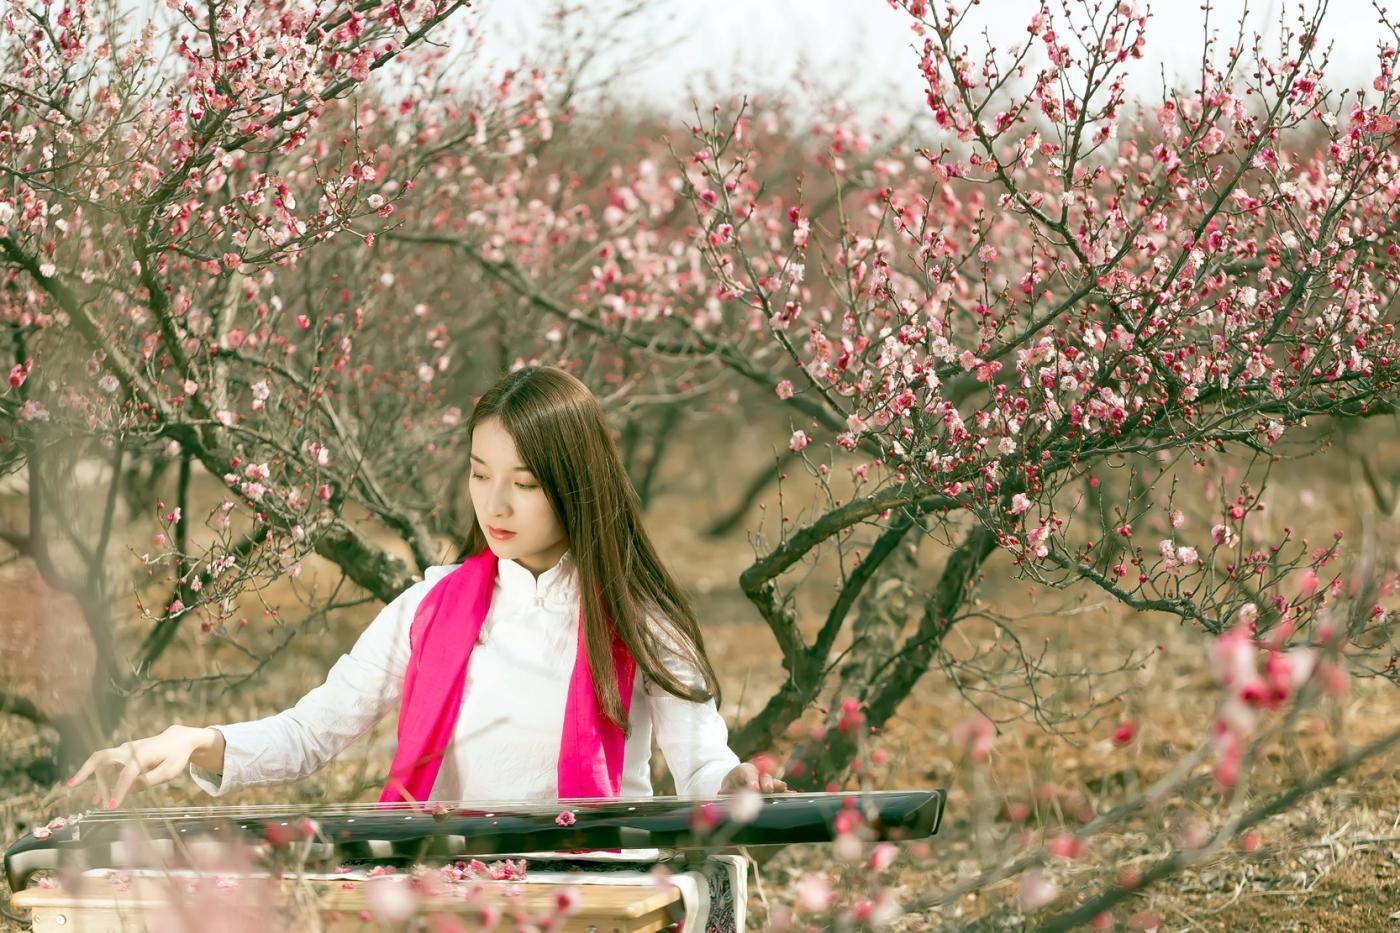 费县的春天从鲜花烂漫的梅林和女孩张诗奇的偶遇开始_图1-18